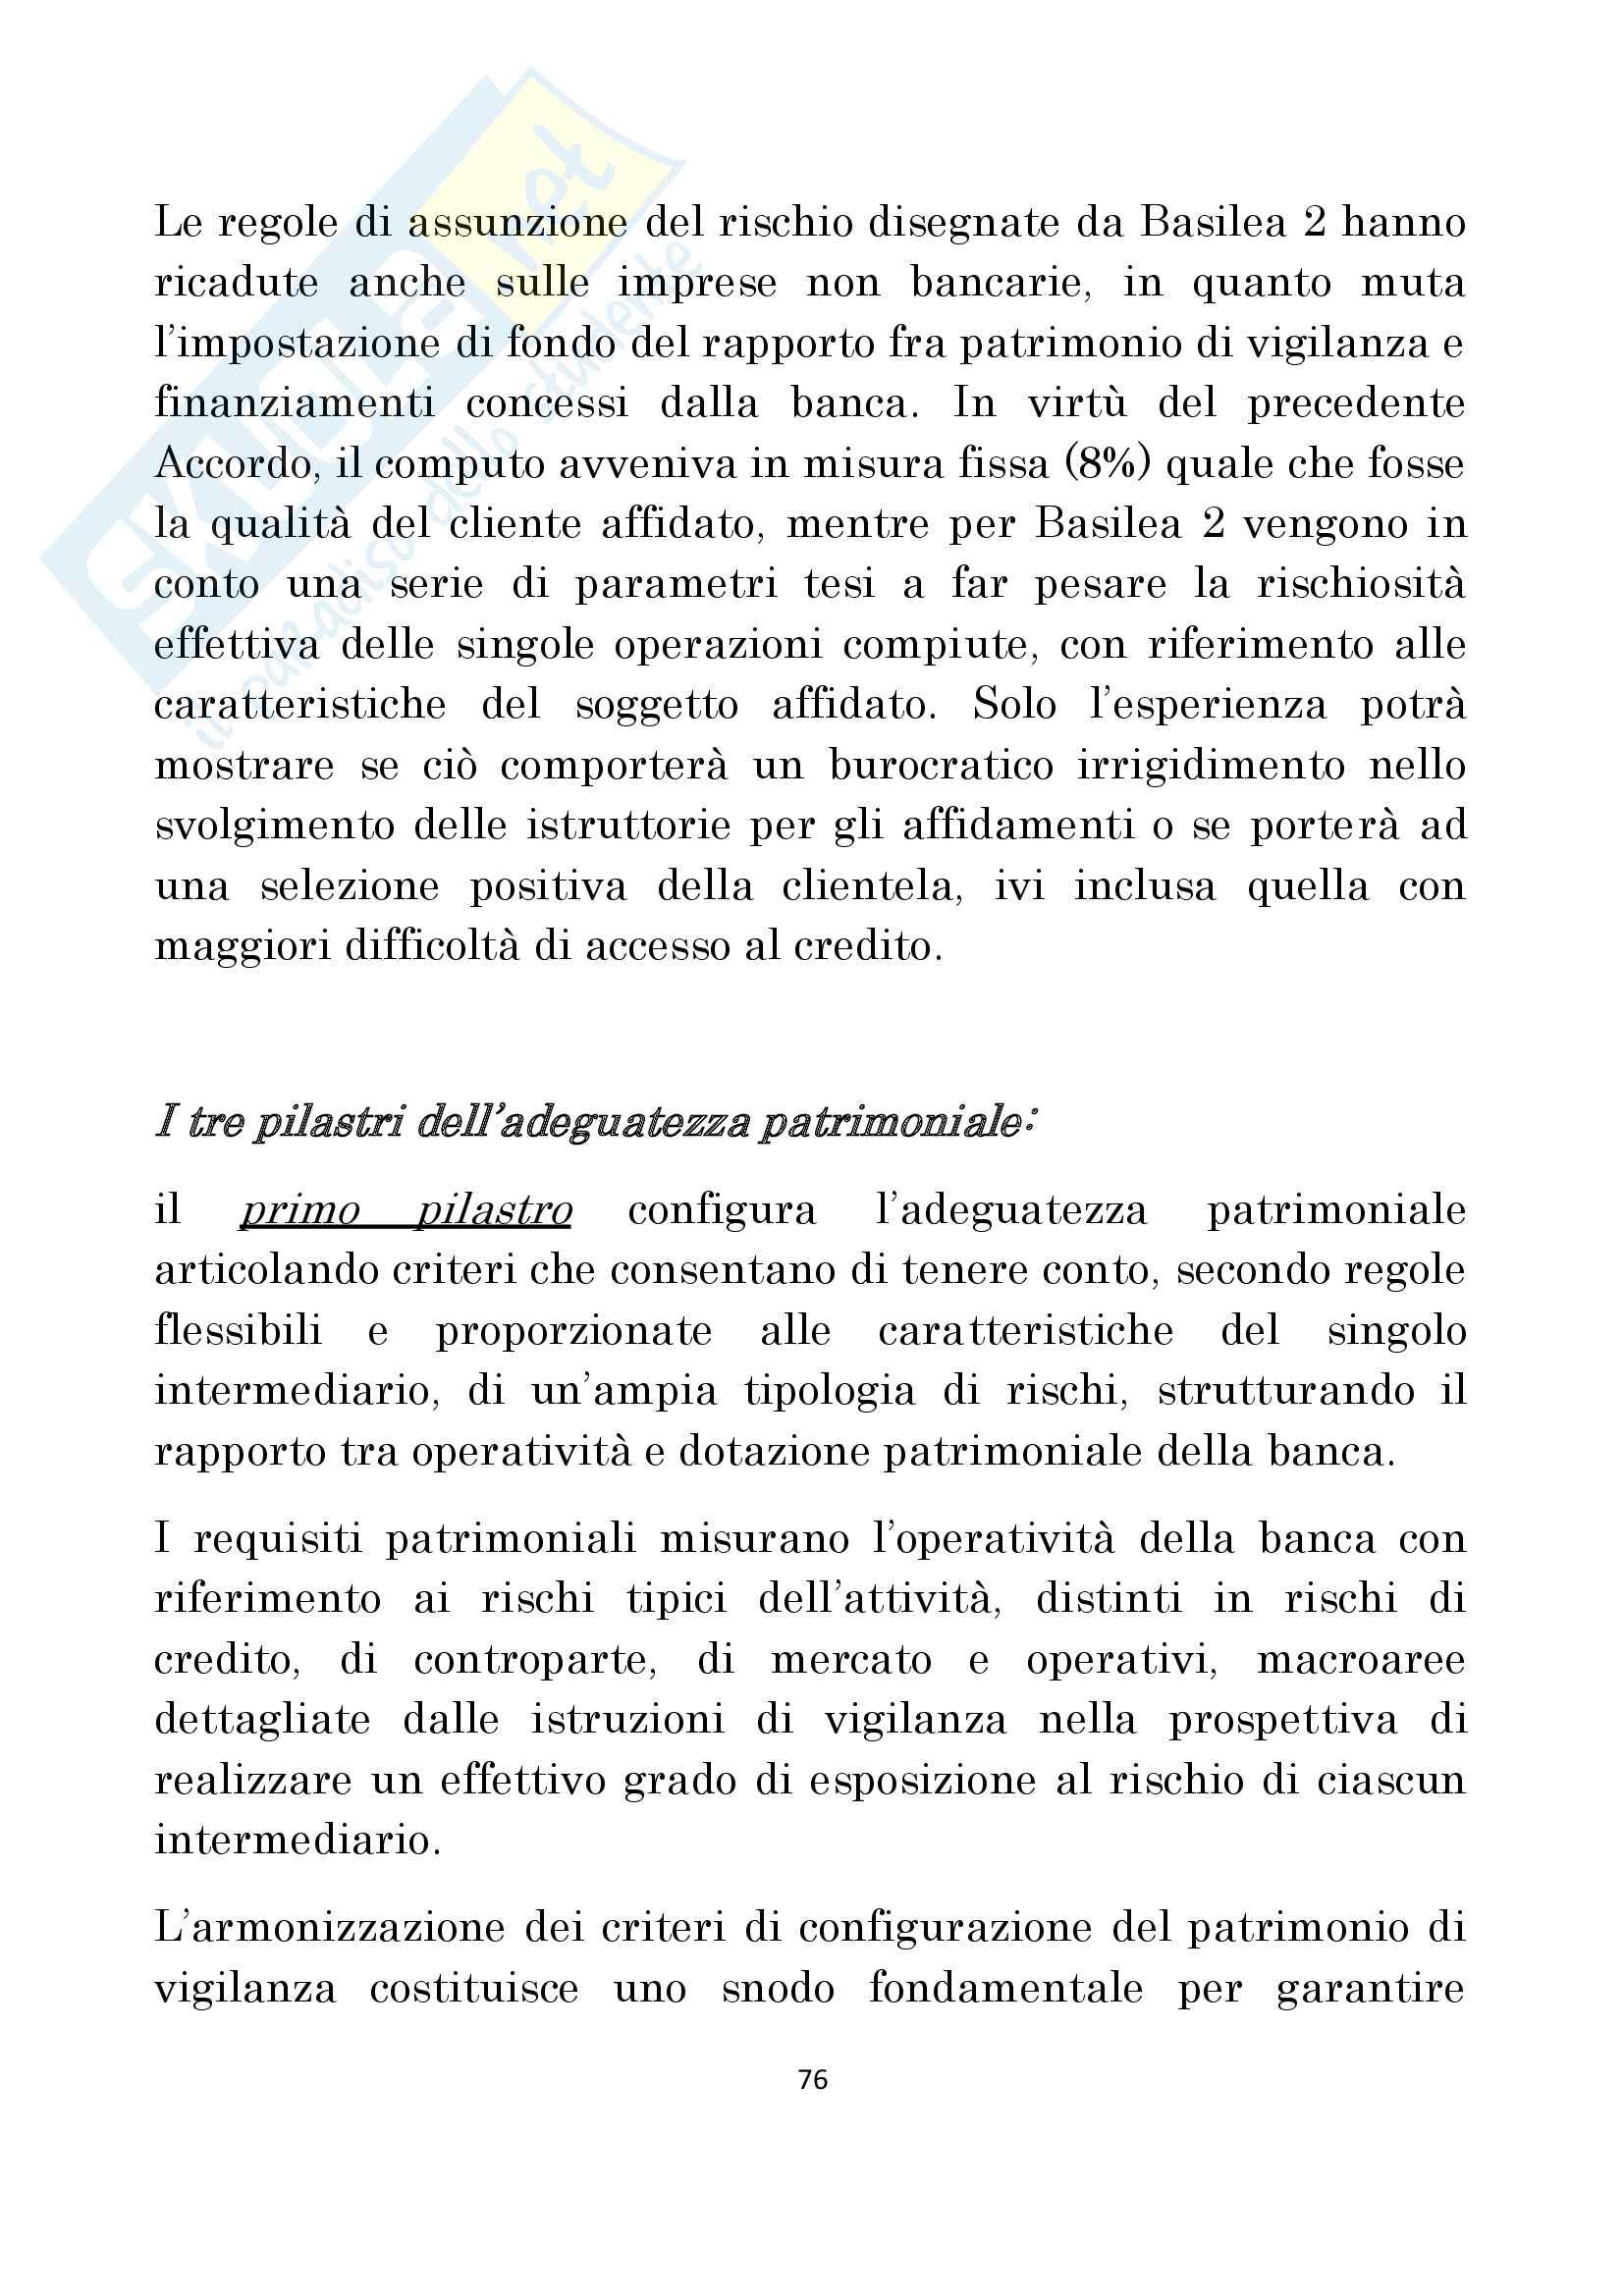 Diritto delle Banche prof Antonucci Pag. 76